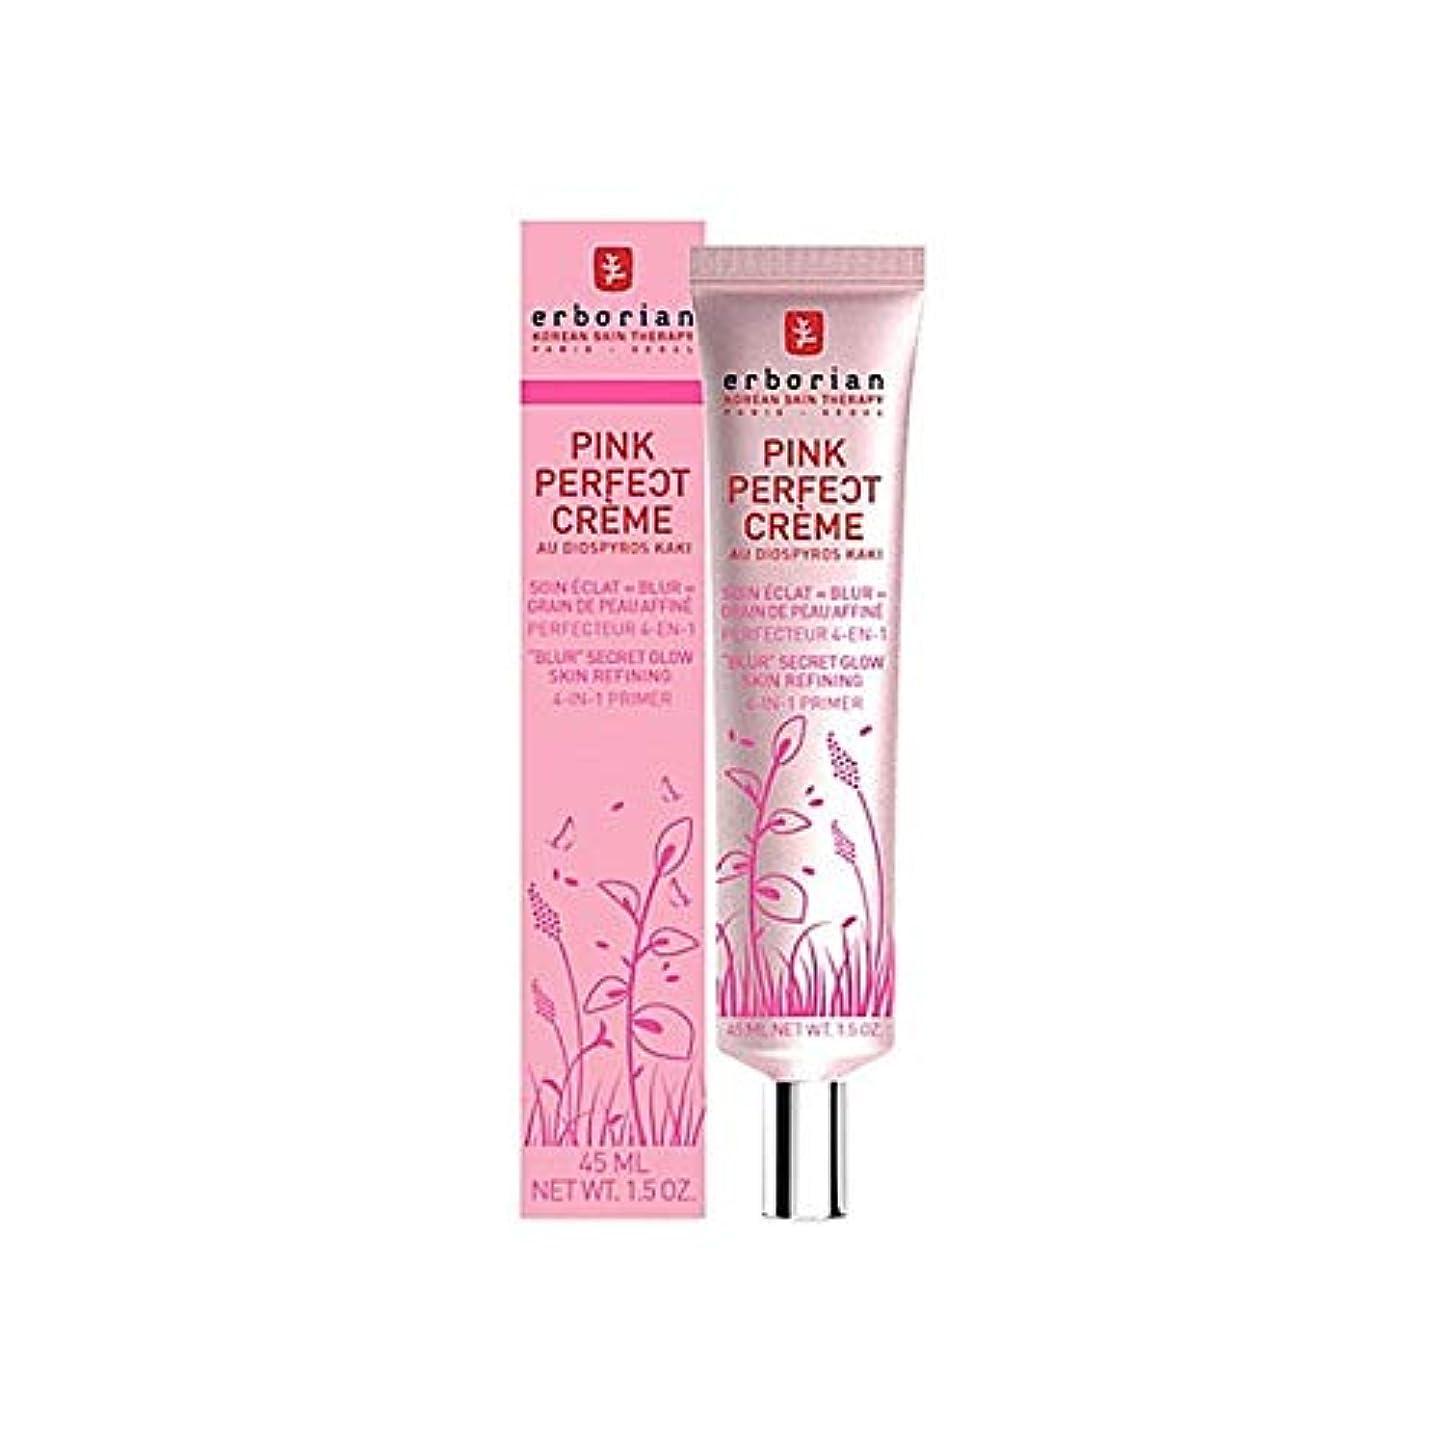 恥カウボーイ動作[Erborian] Erborianピンクの完璧なクリーム45ミリリットル - Erborian Pink Perfect Creme 45ml [並行輸入品]